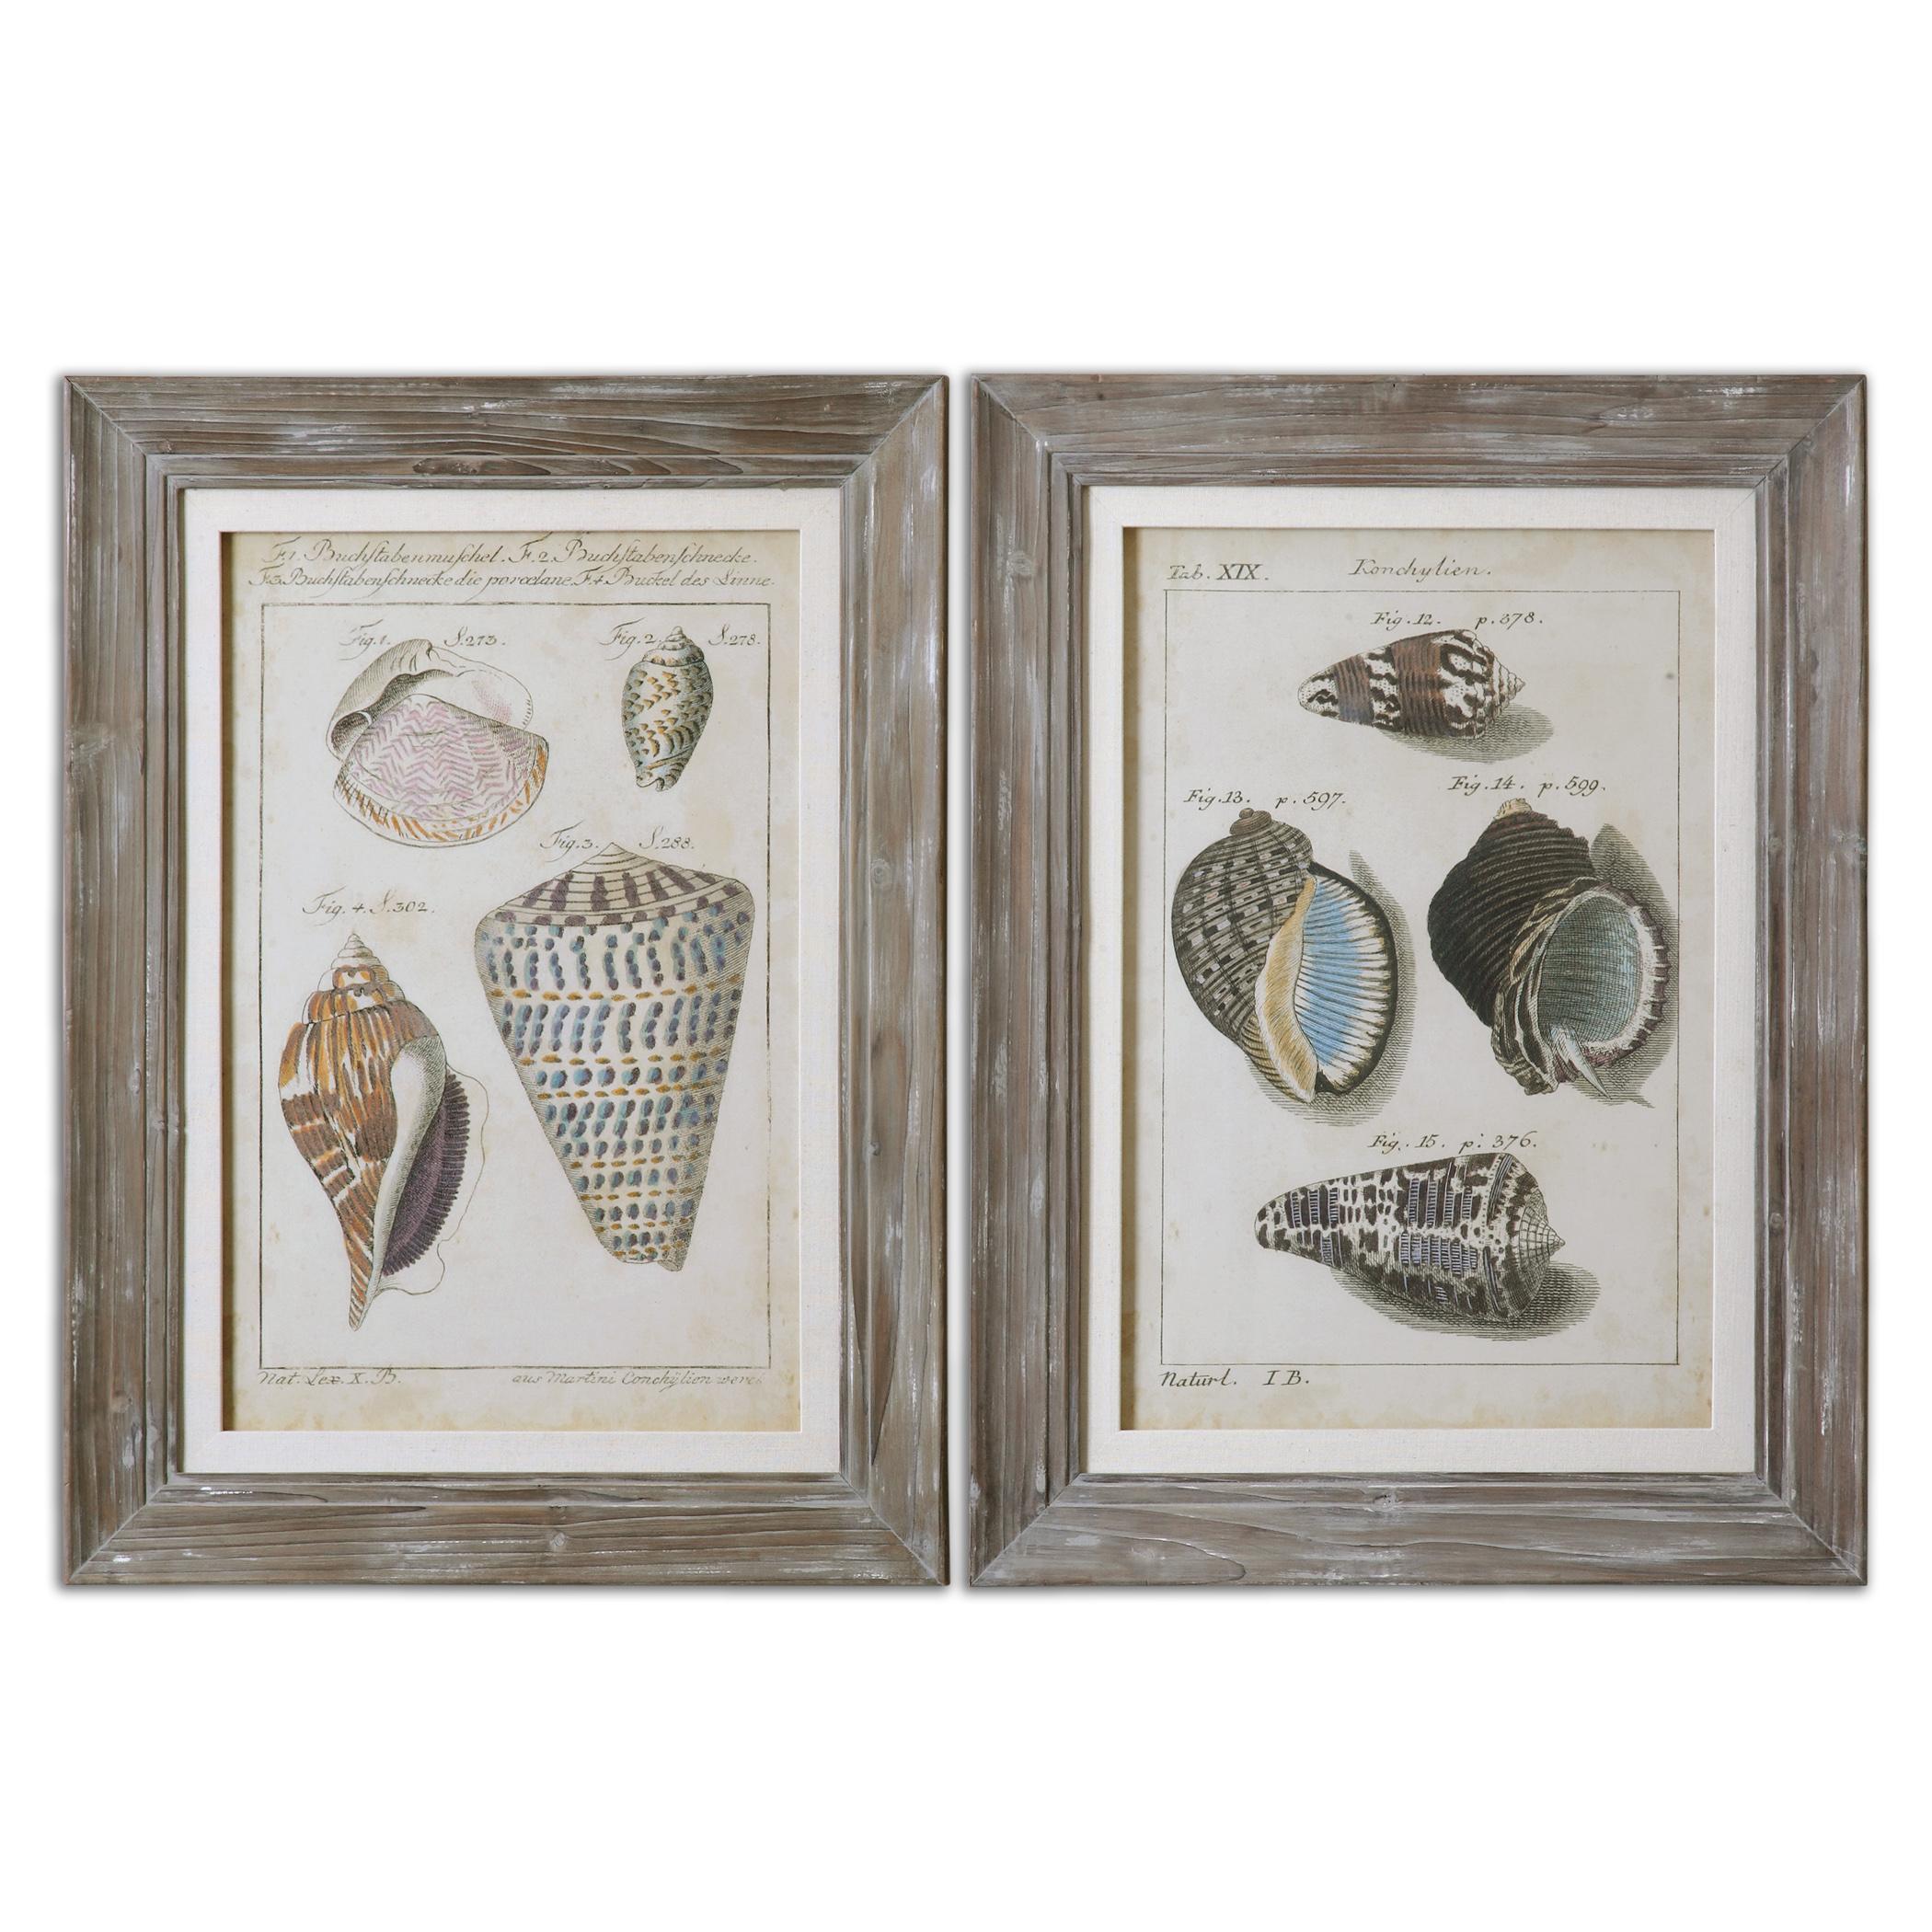 Uttermost Art Vintage Shell Study Framed Art, Set of 2 - Item Number: 41532